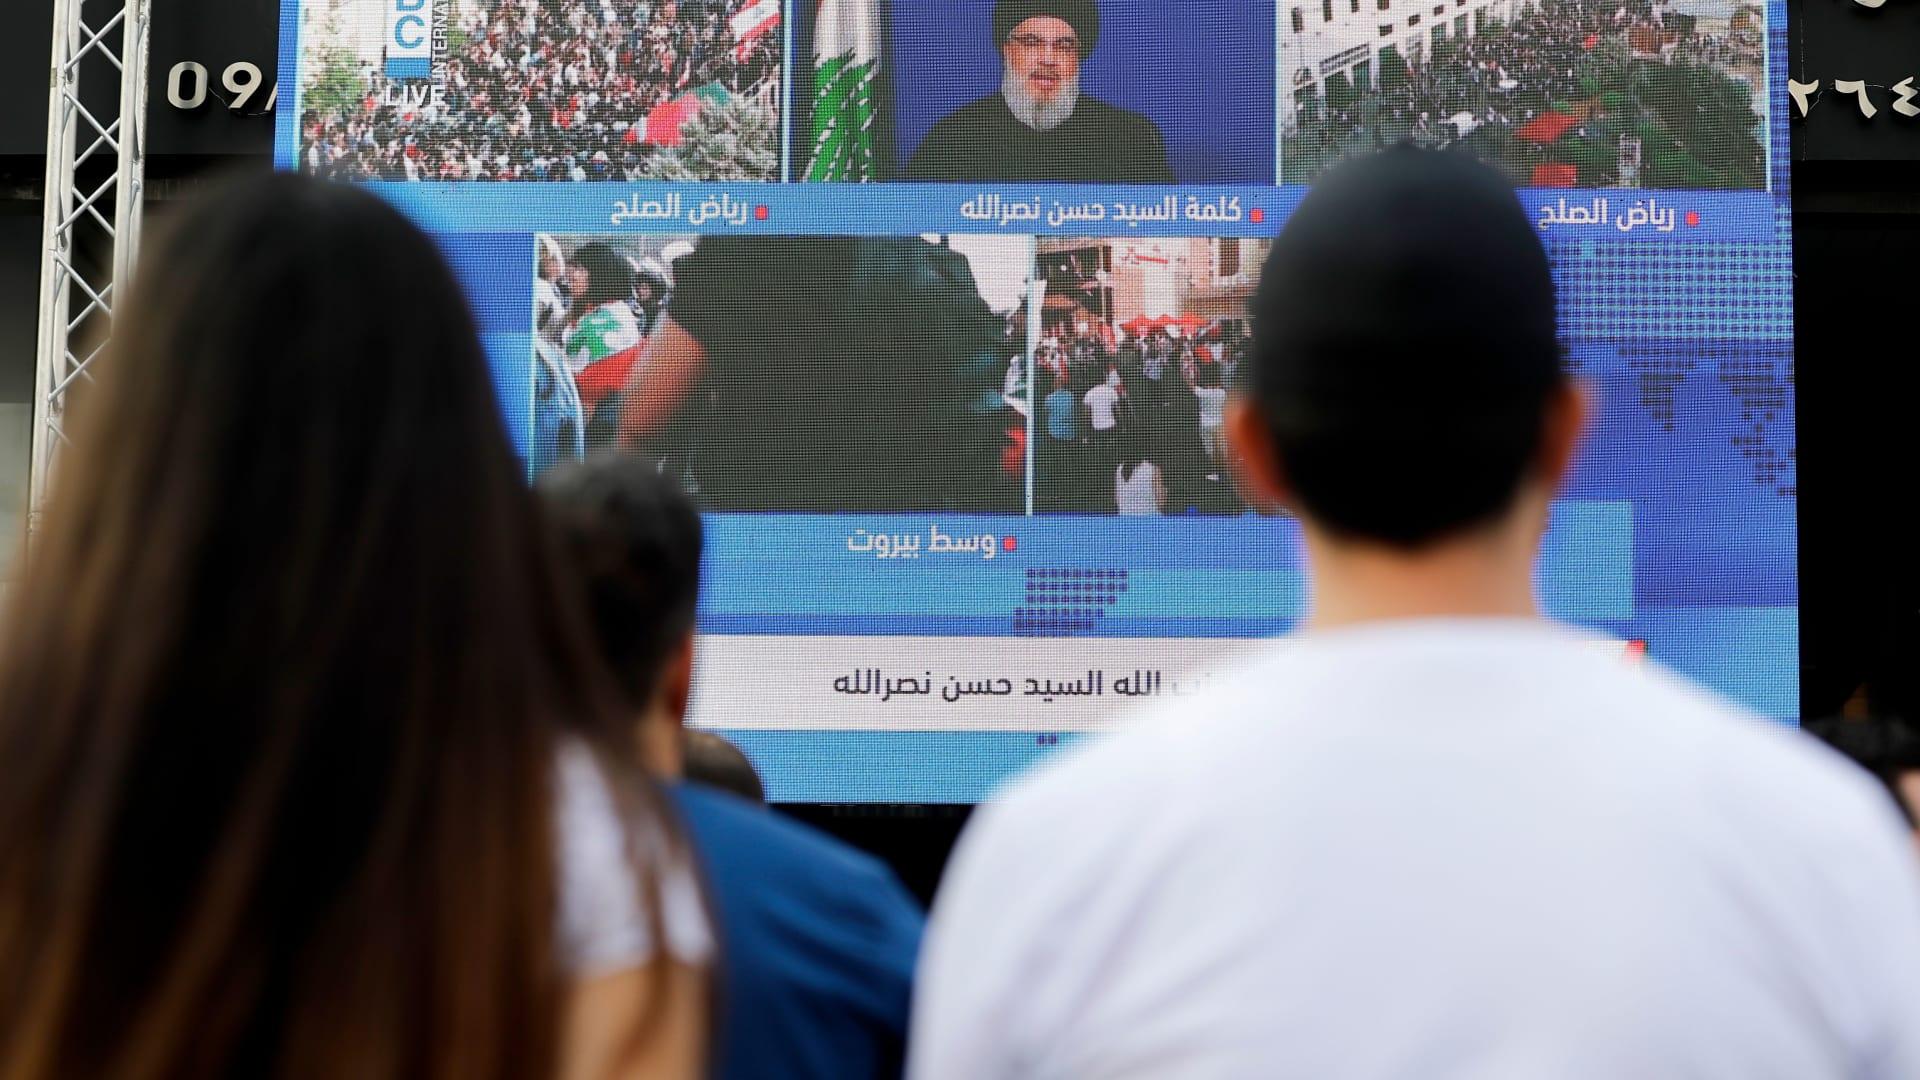 """المرأة تتصدر مظاهرات لبنان.. """"وفتاة ثائرة"""" تصبح عروس الساحات"""